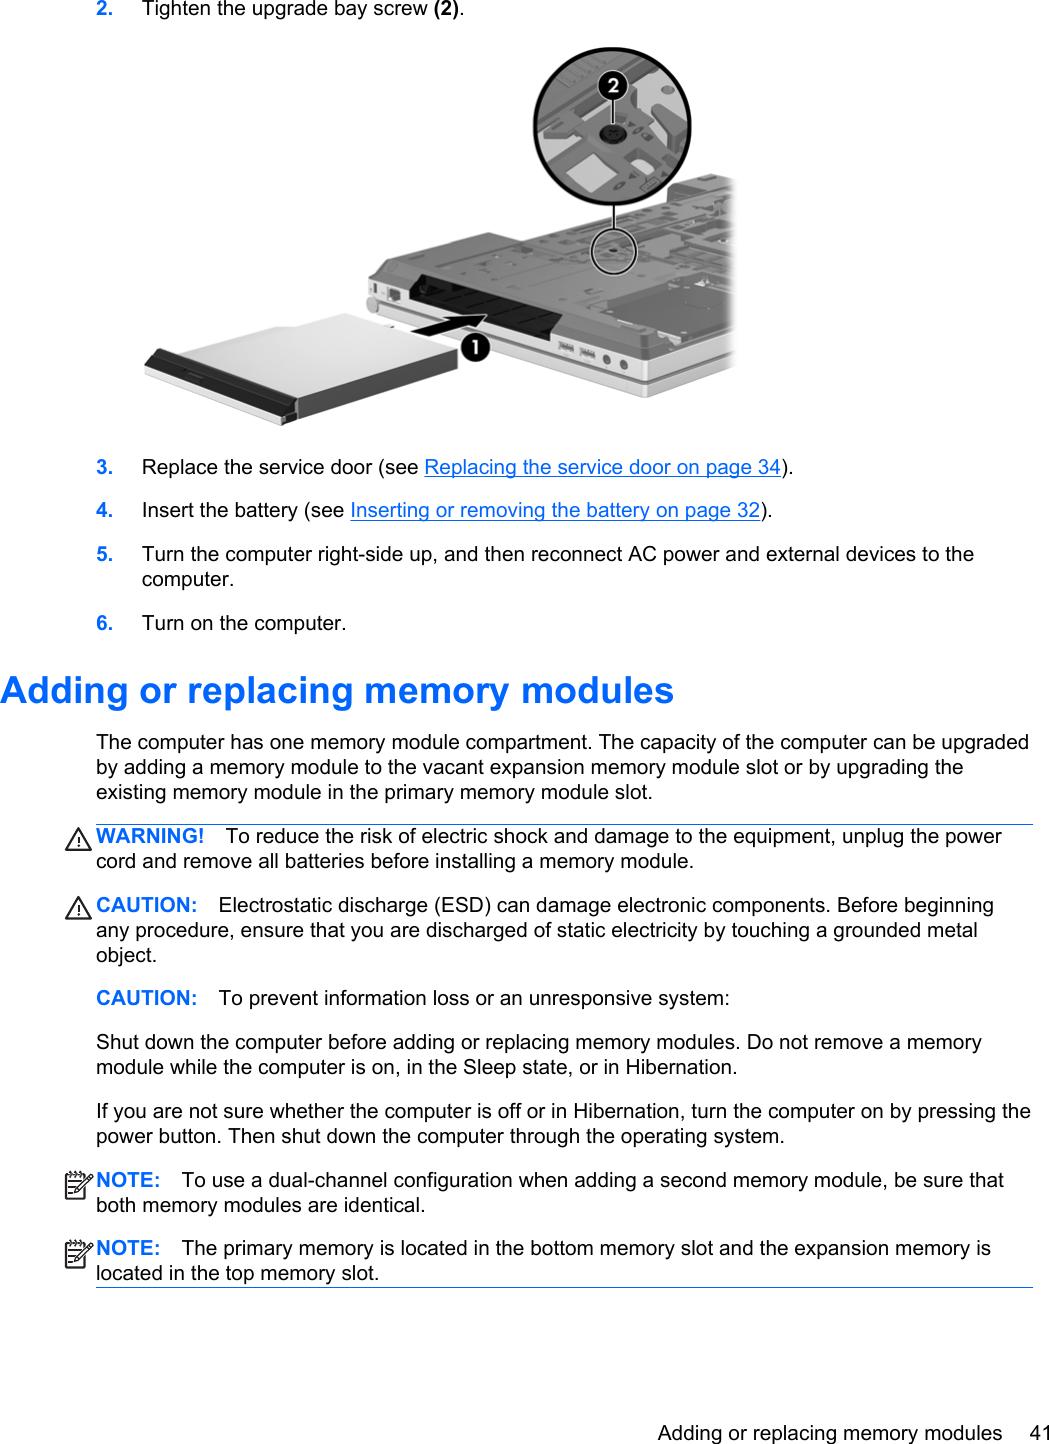 Hp Hewlett Packard Probook 6570B Getting Started Guide ManualsLib